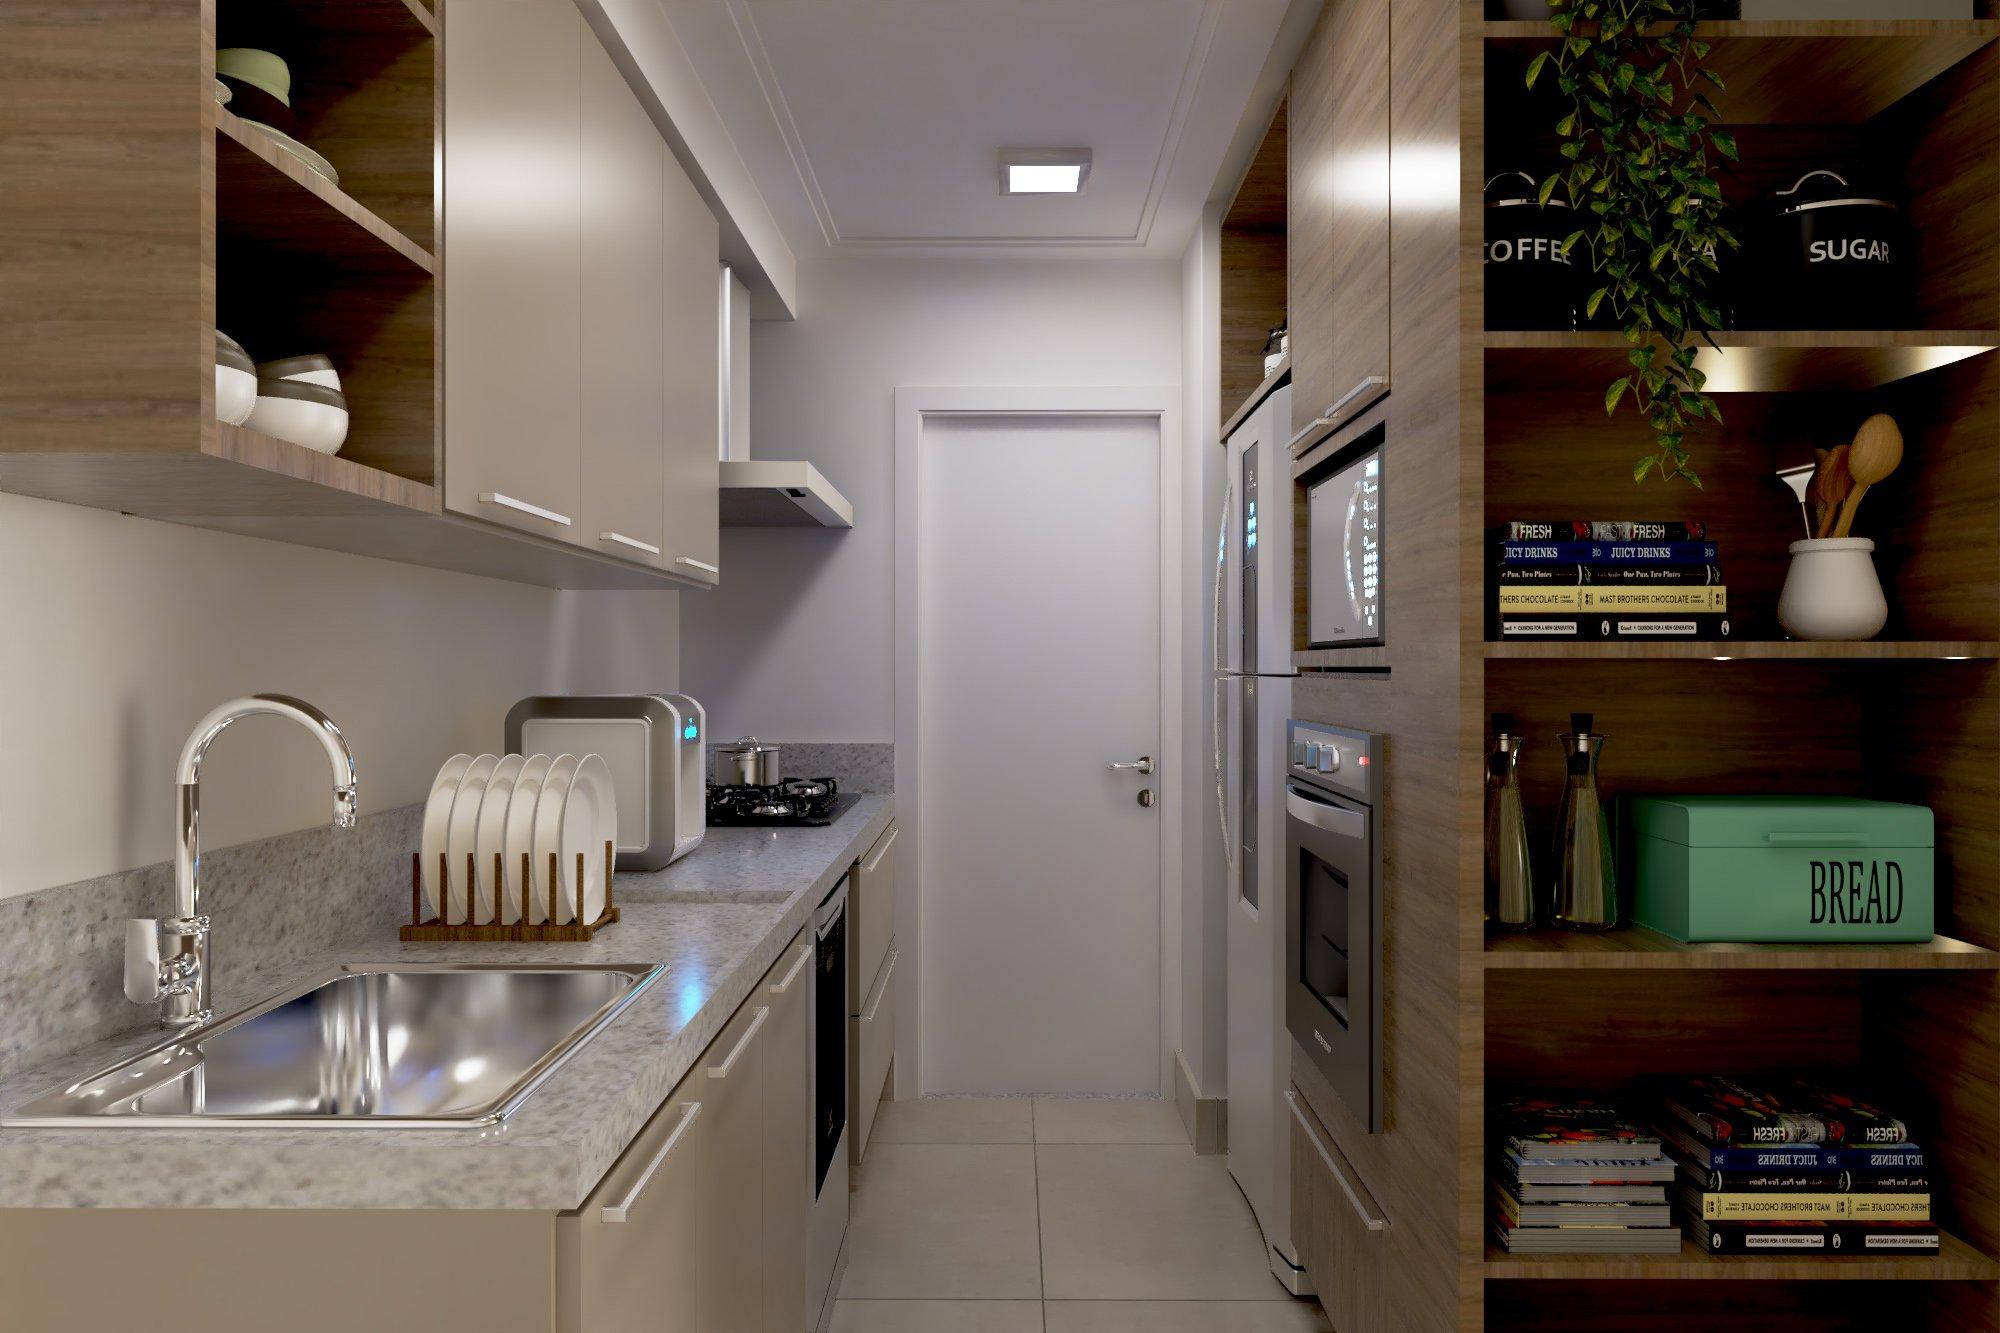 Foto de Cozinha com vaso, forno, pia, microondas